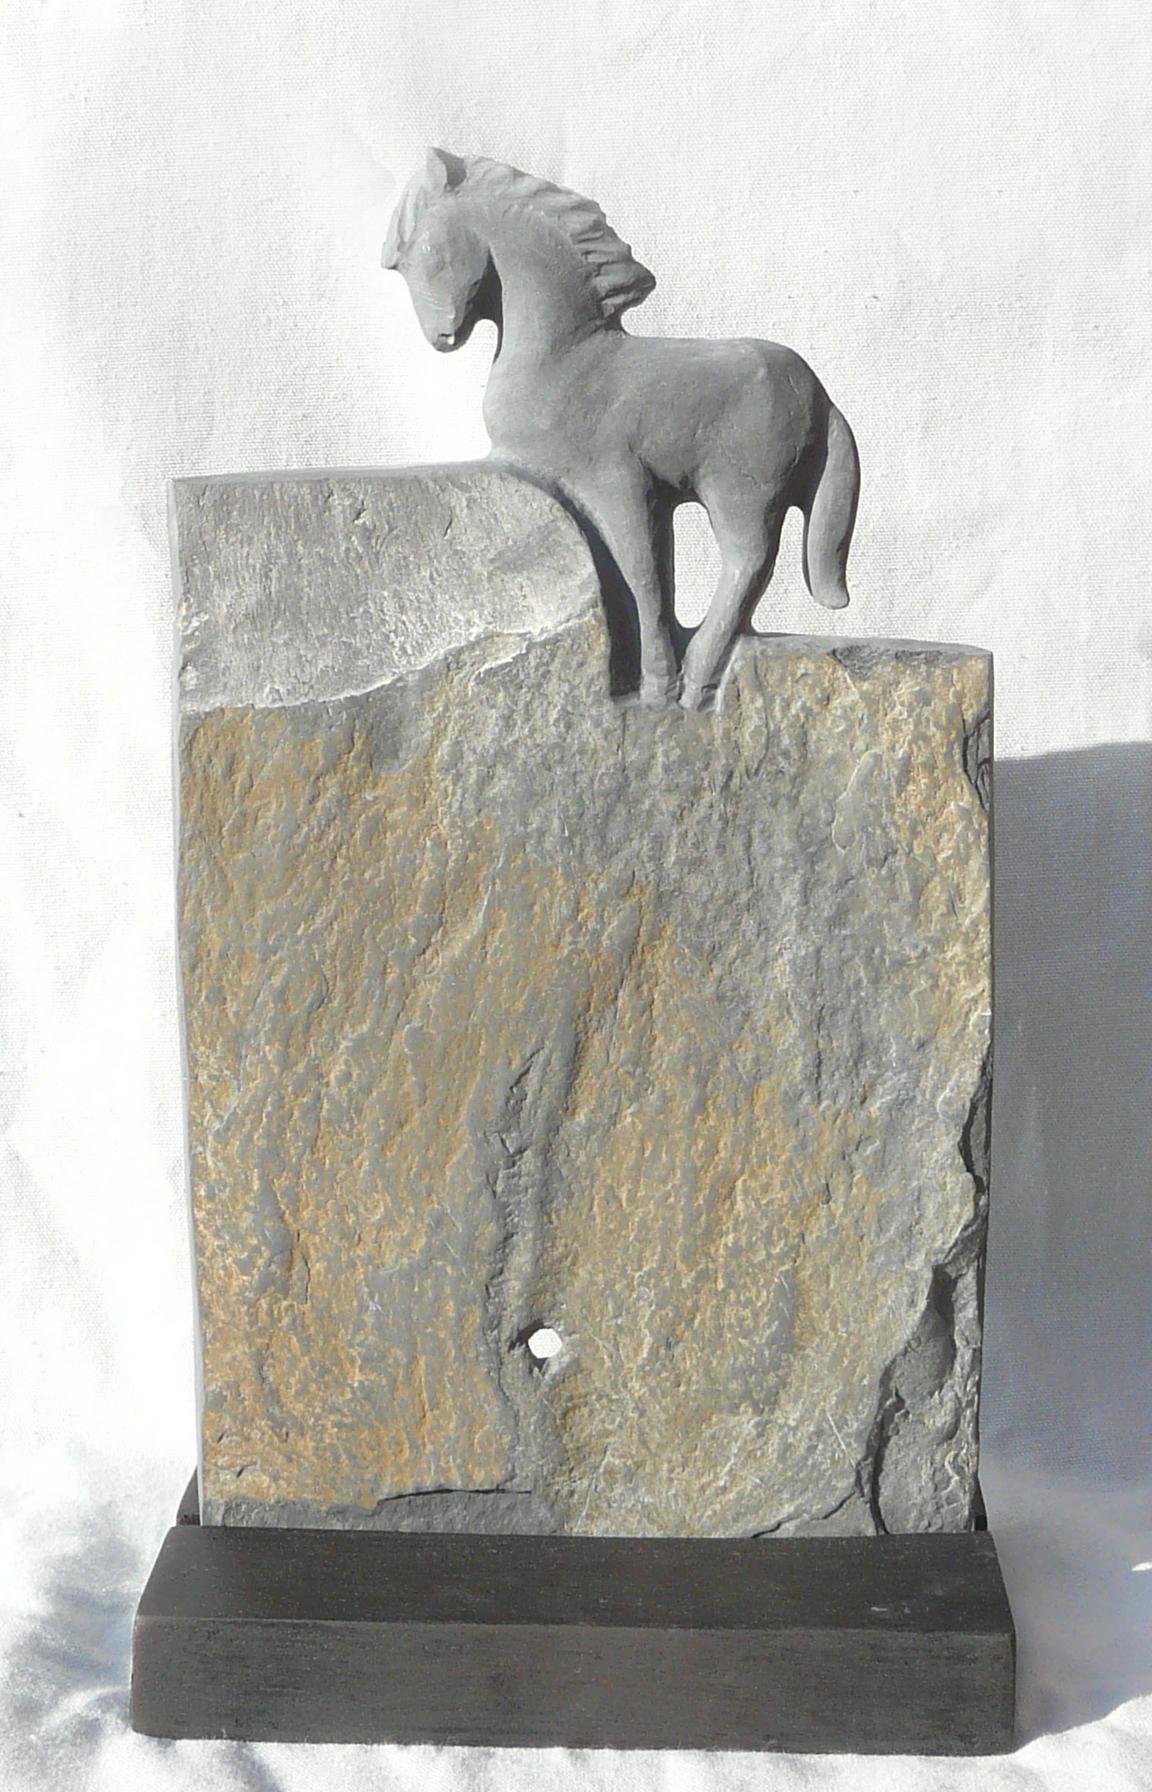 Equus Ferus 1 Ardoise, Slate, h 35cm